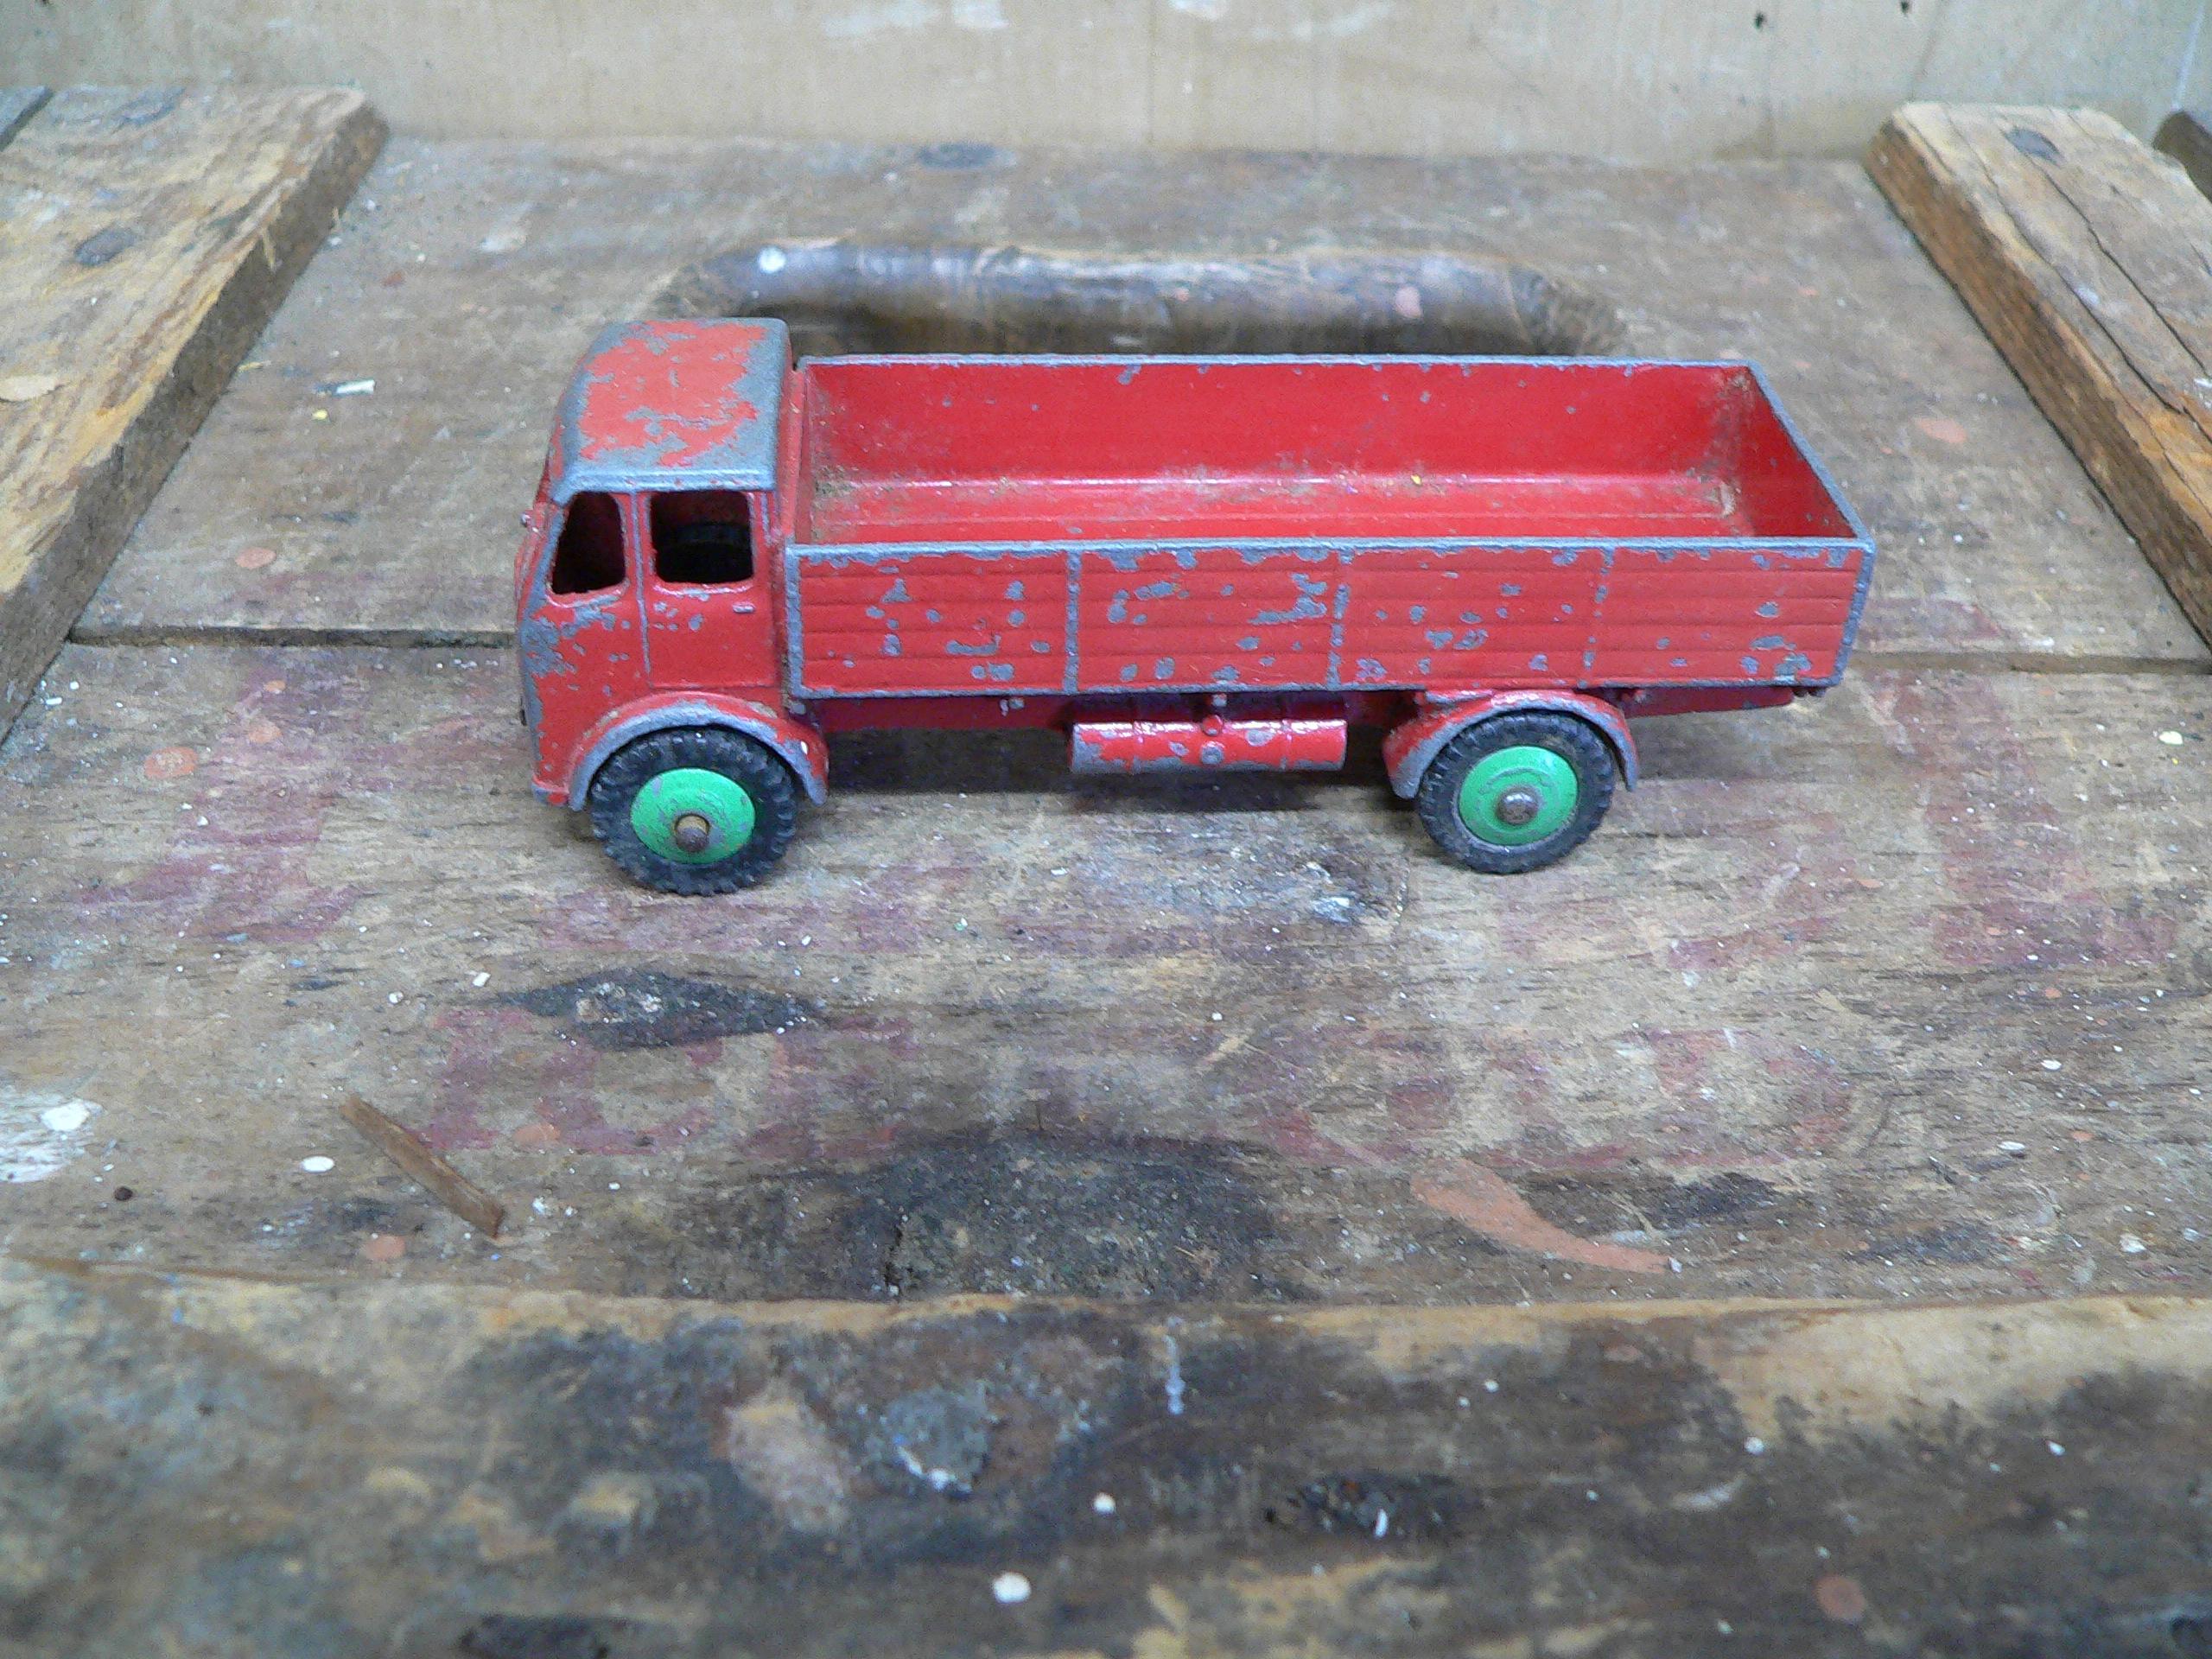 Camion leyland forward control lorry # 5923.12